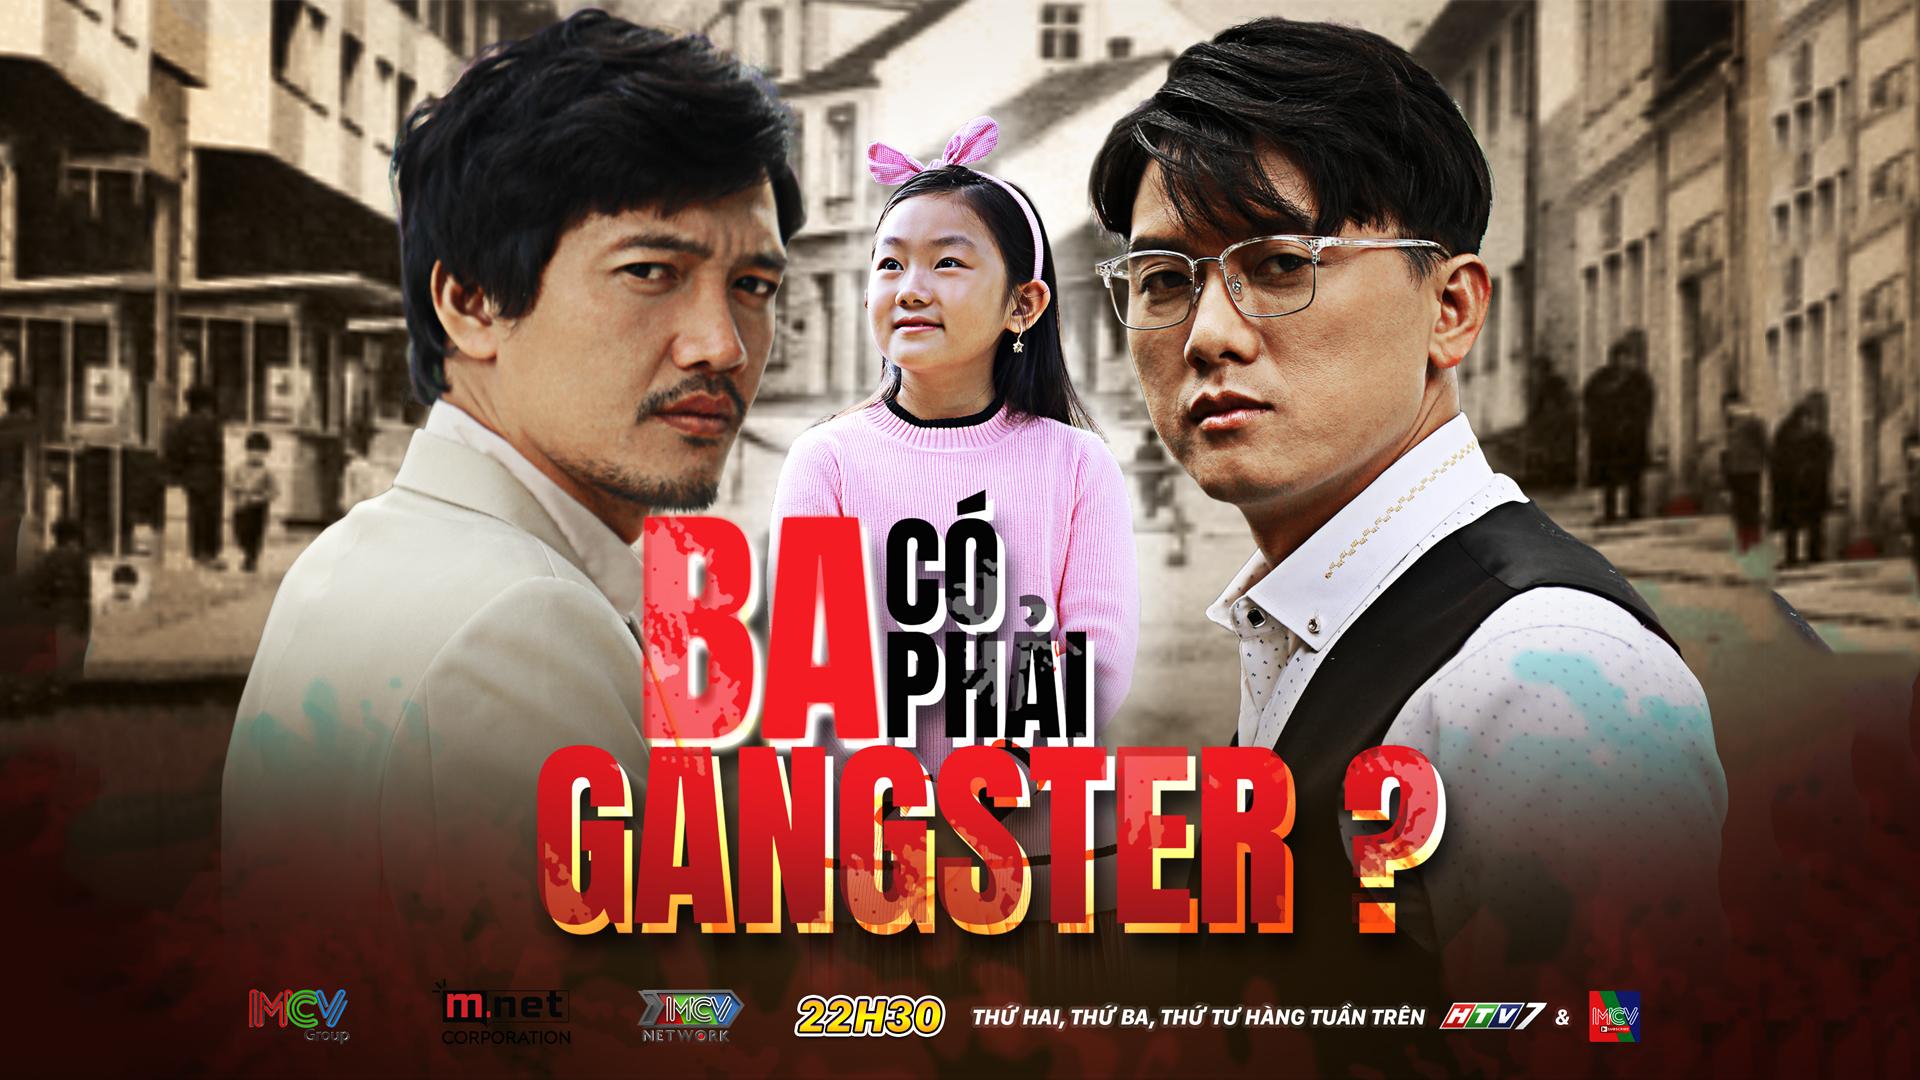 Ba Có Phải Gangster? - Sitcom 2020